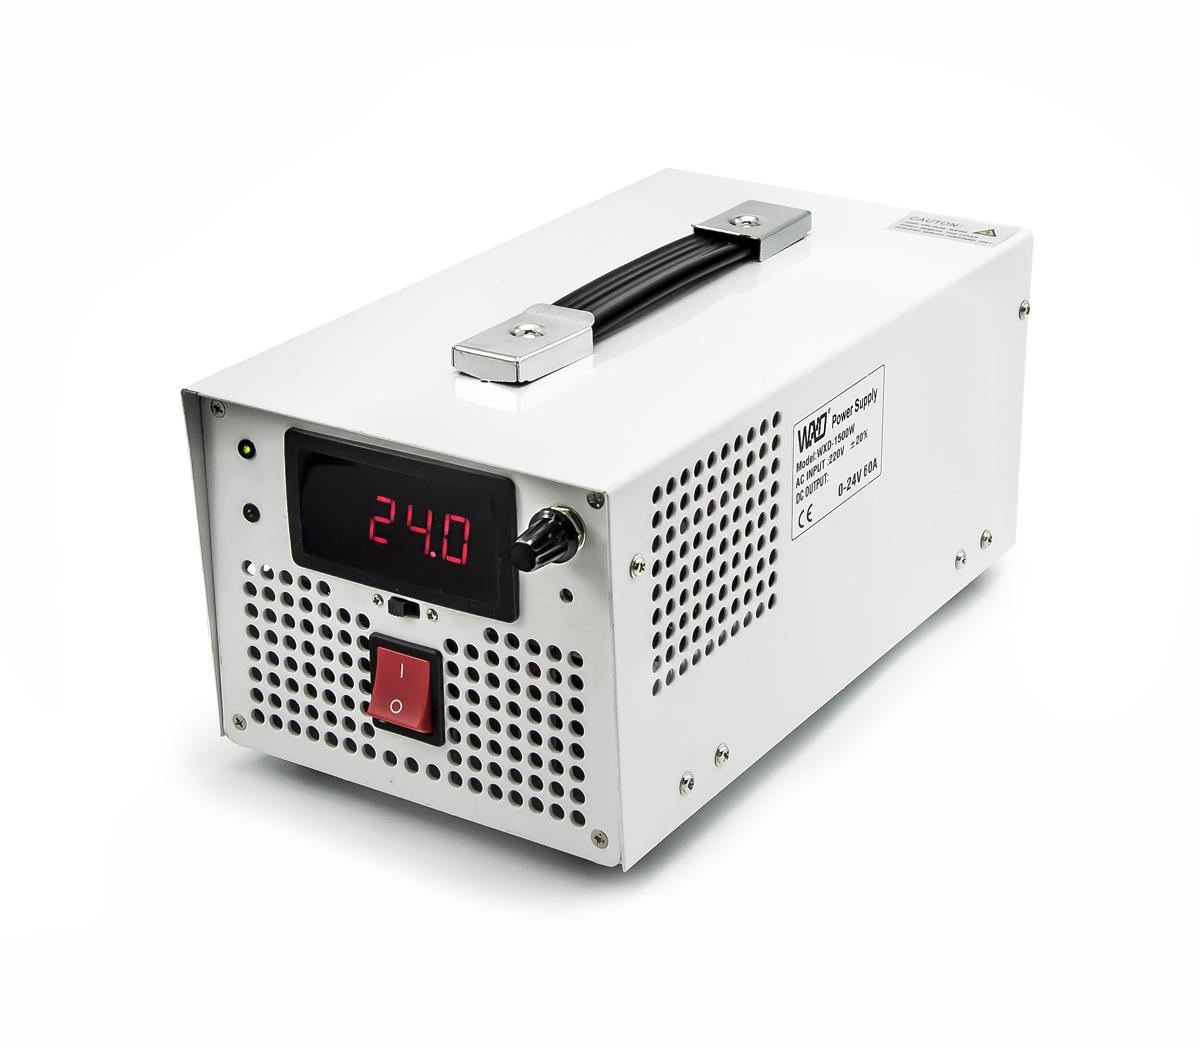 Průmyslový zdroj WXD-1500W s regulací napětí 3 - 24V, 60A, 1500W